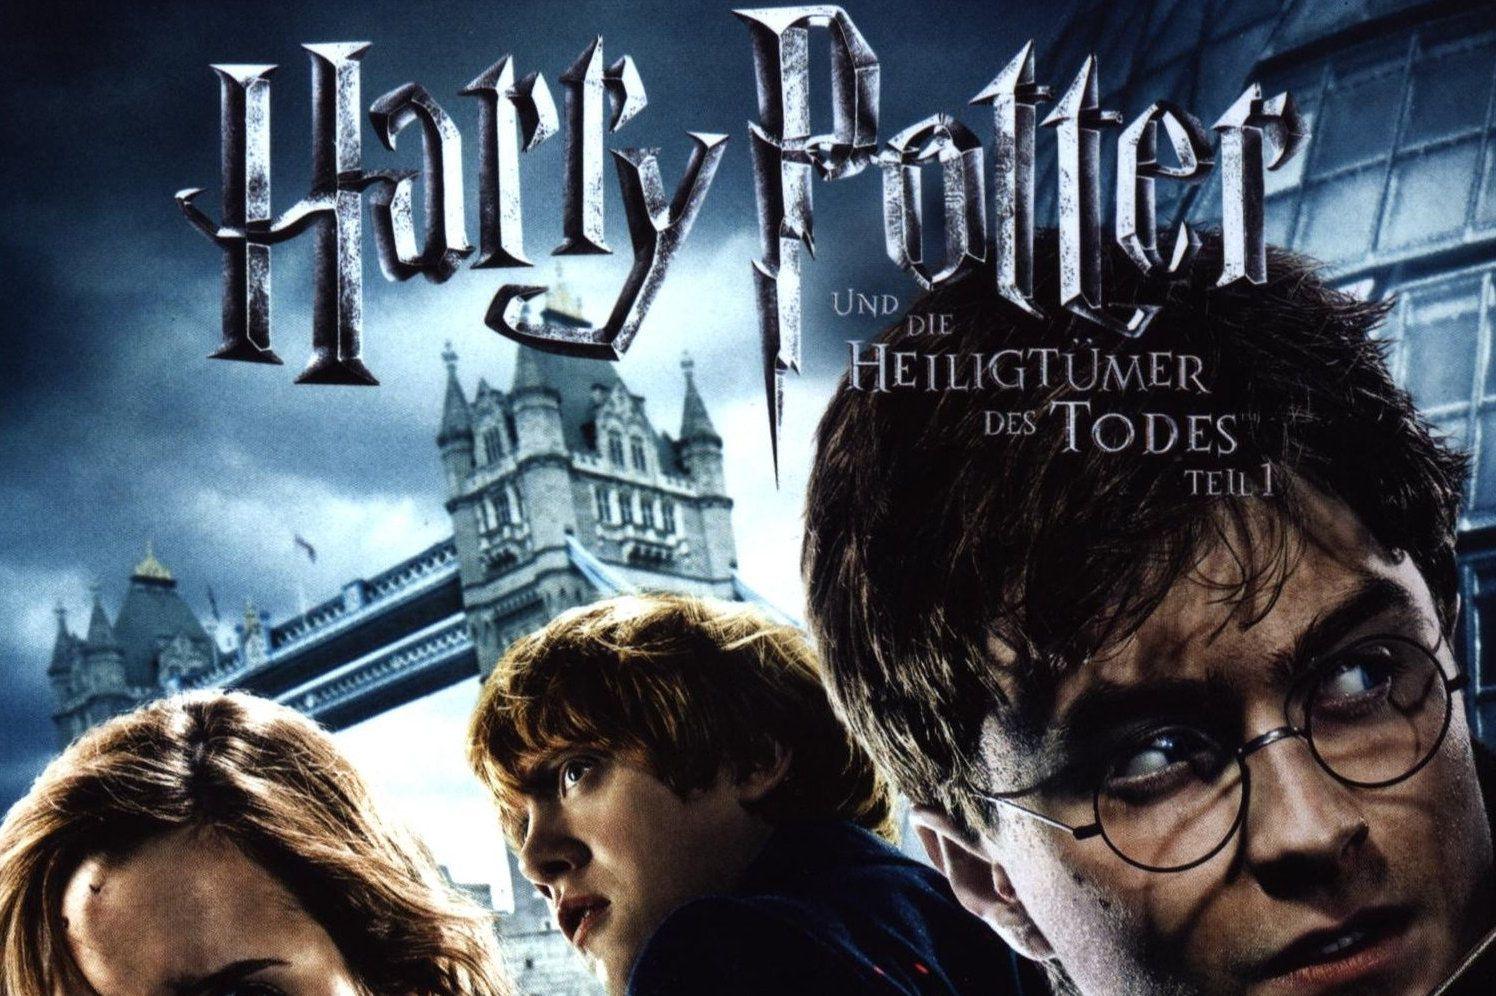 Harry Potter Und Die Heiligtümer Des Todes Teil 1 Stream Kinox